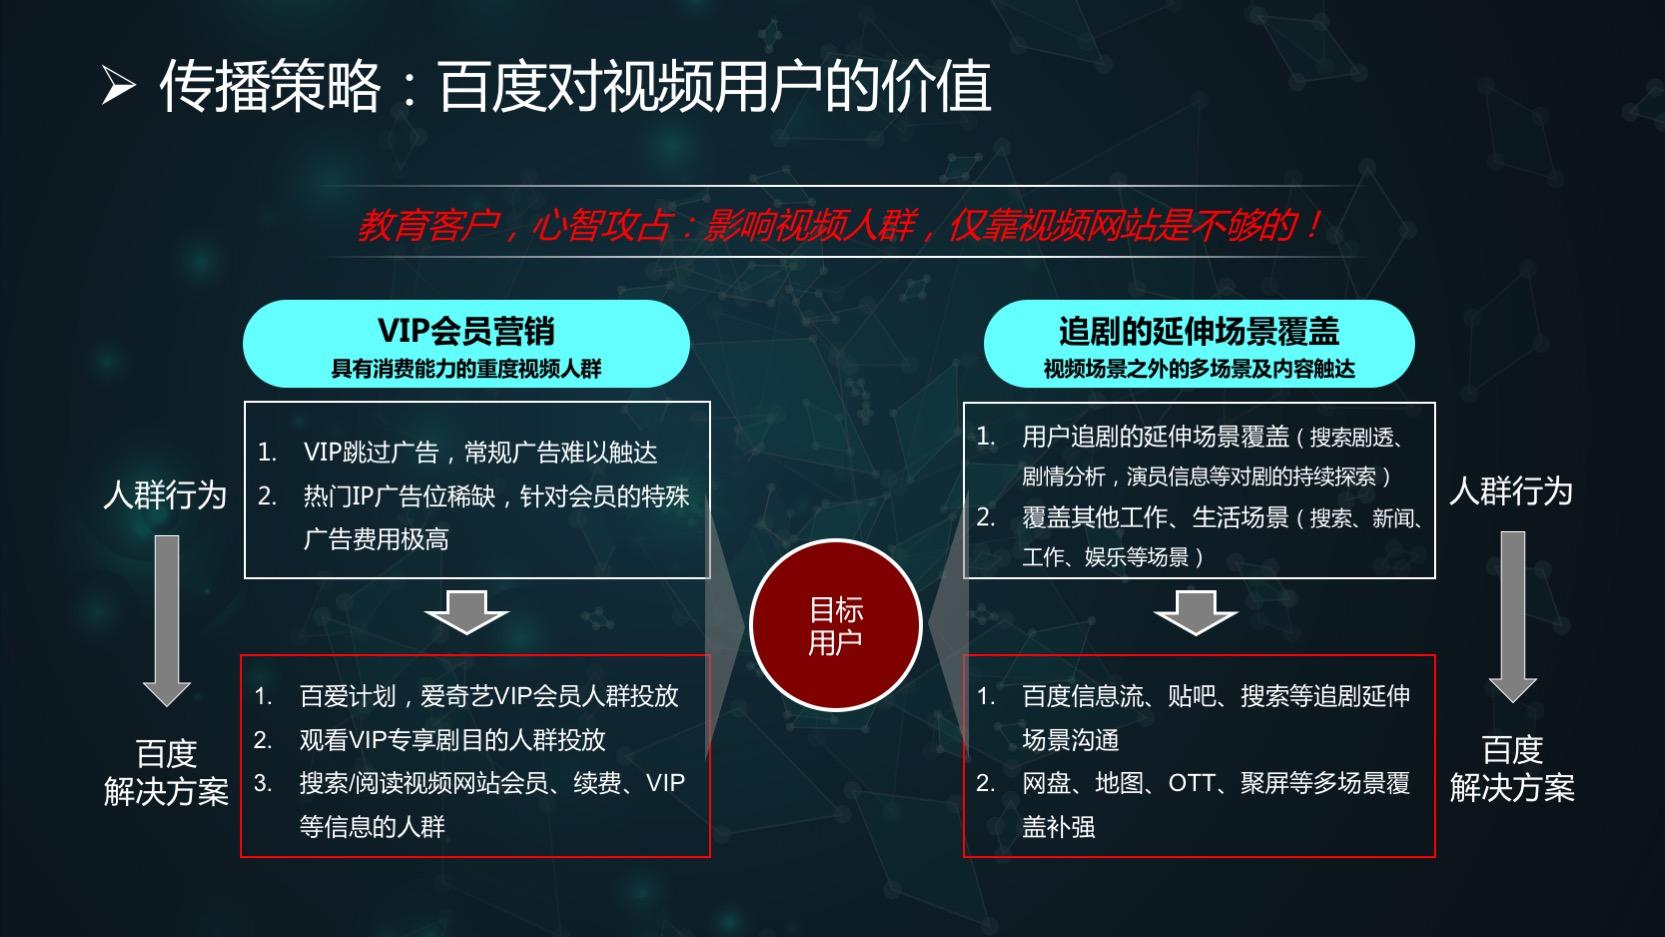 原生GD视频-品牌一组-戴尔-戴尔XPS笔记本视频人群持续推广-数据脱敏-郭鑫.jpg